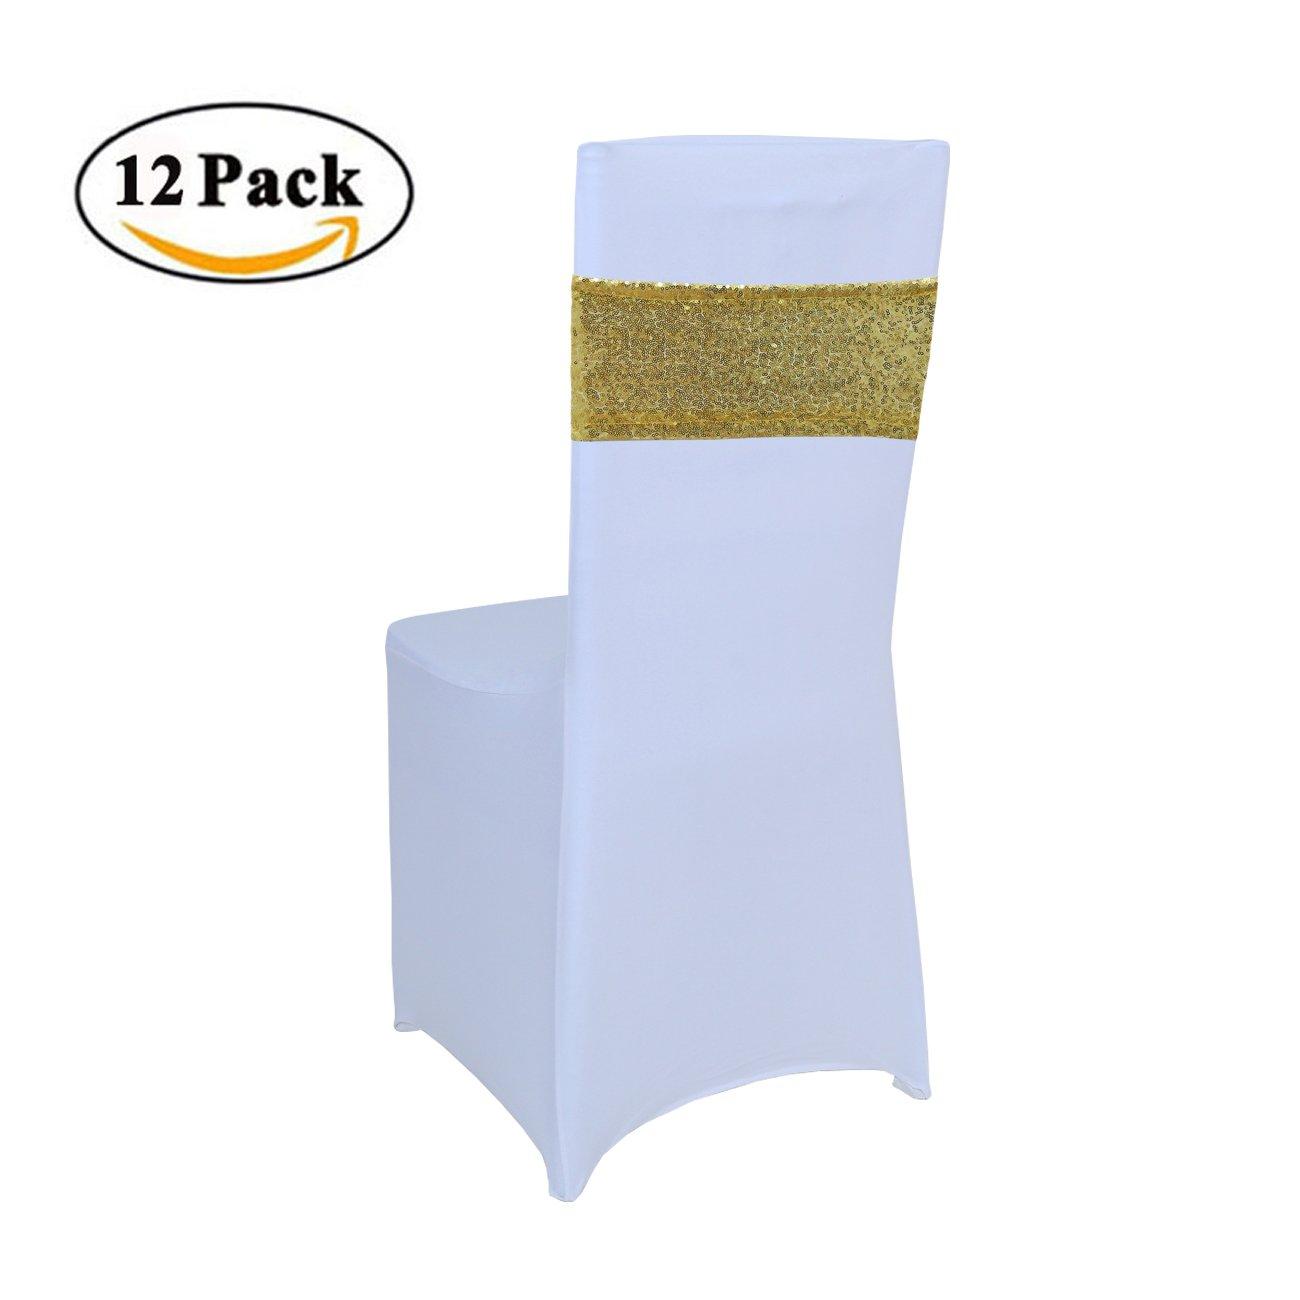 gfccのセット50個ホワイト色スパンデックス椅子カバーは、結婚式、パーティー、宴会、クリスマスiexcl; 4x16